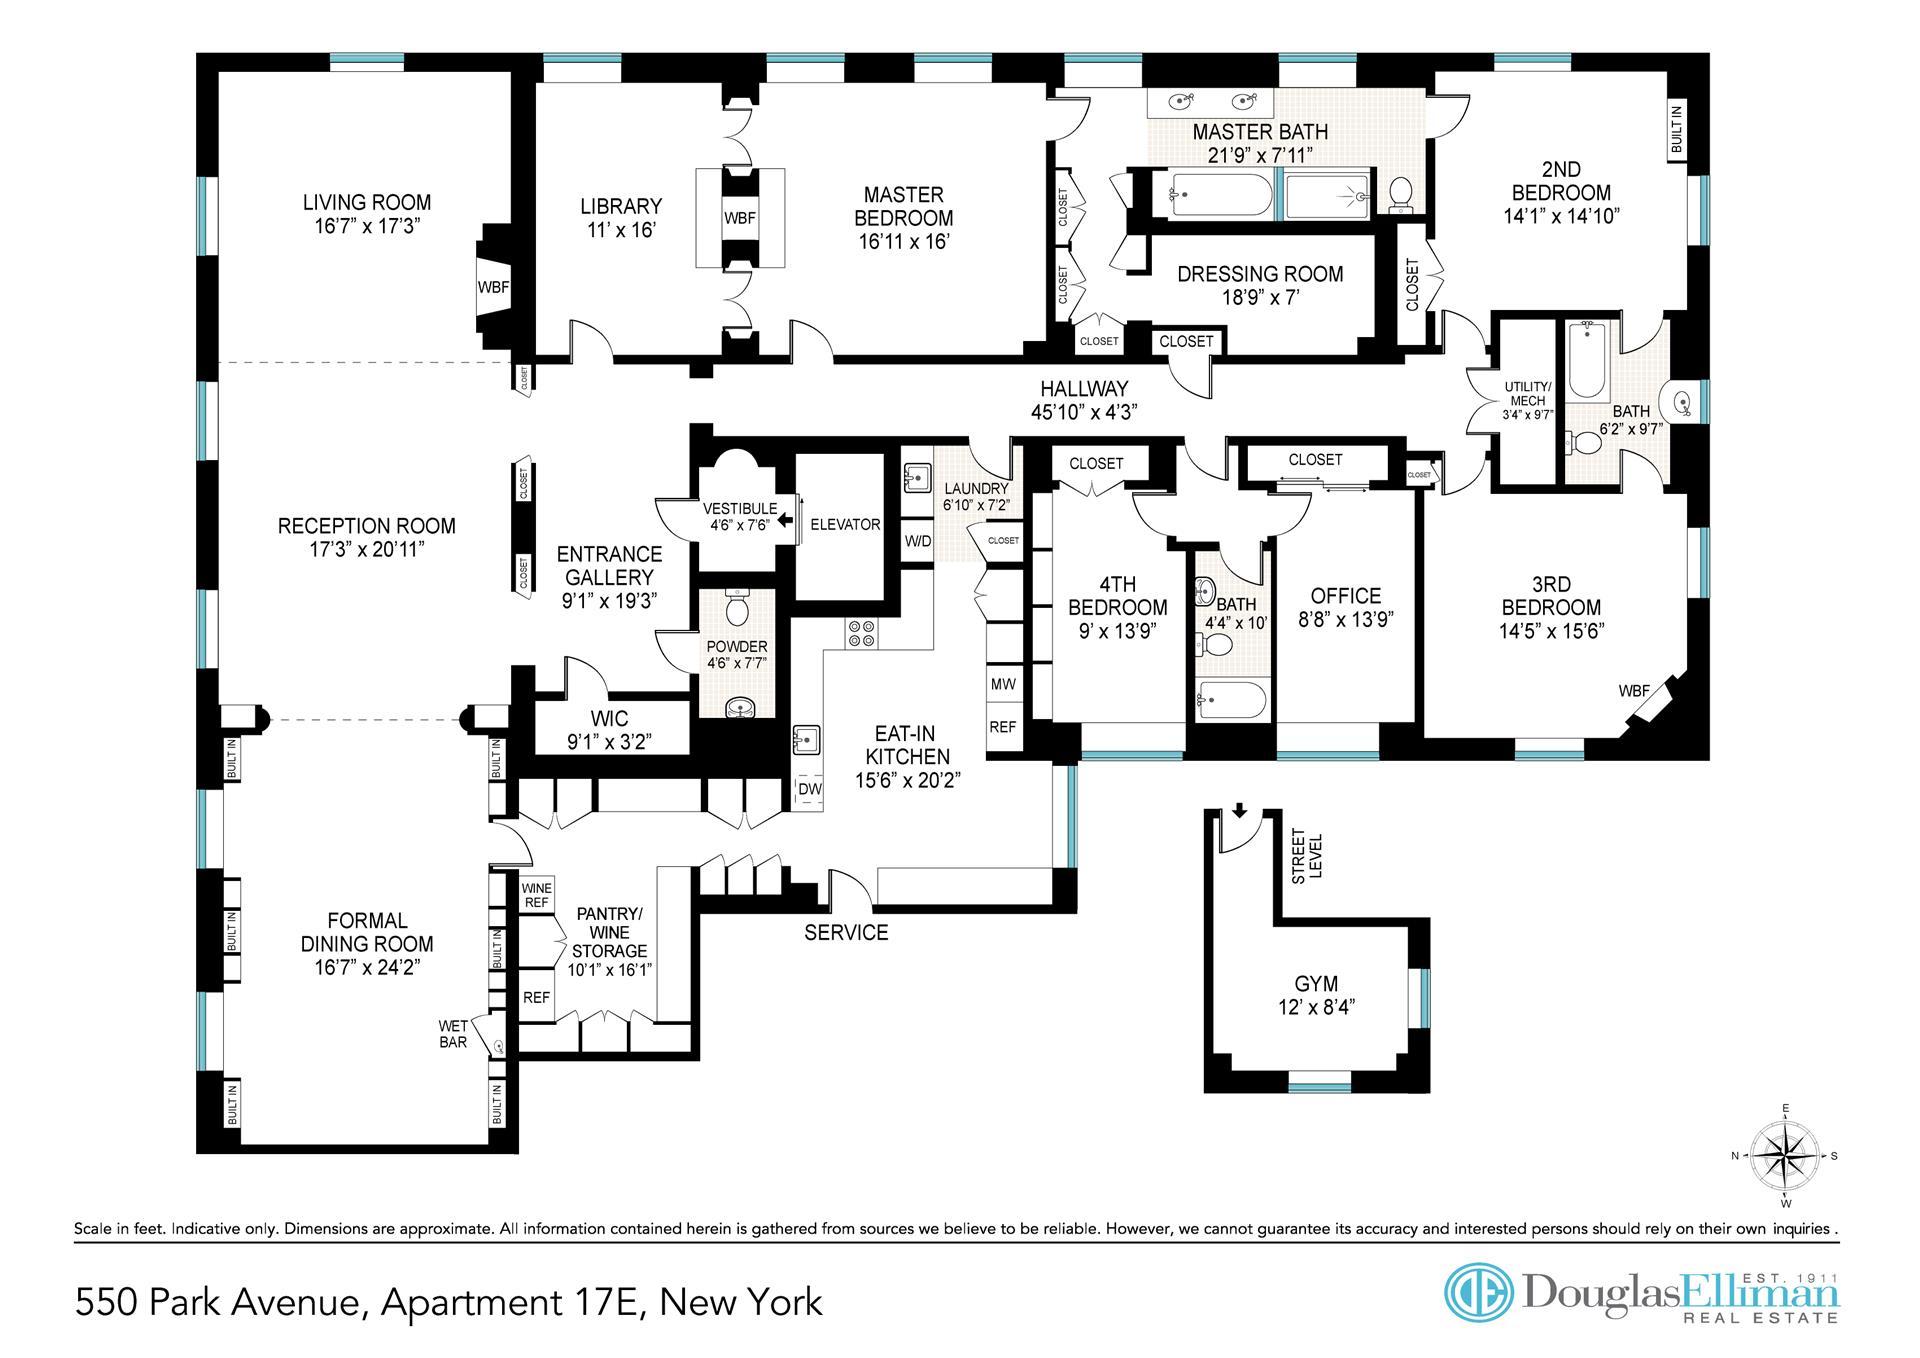 Floor plan of 550 Park Avenue, 17E - Upper East Side, New York